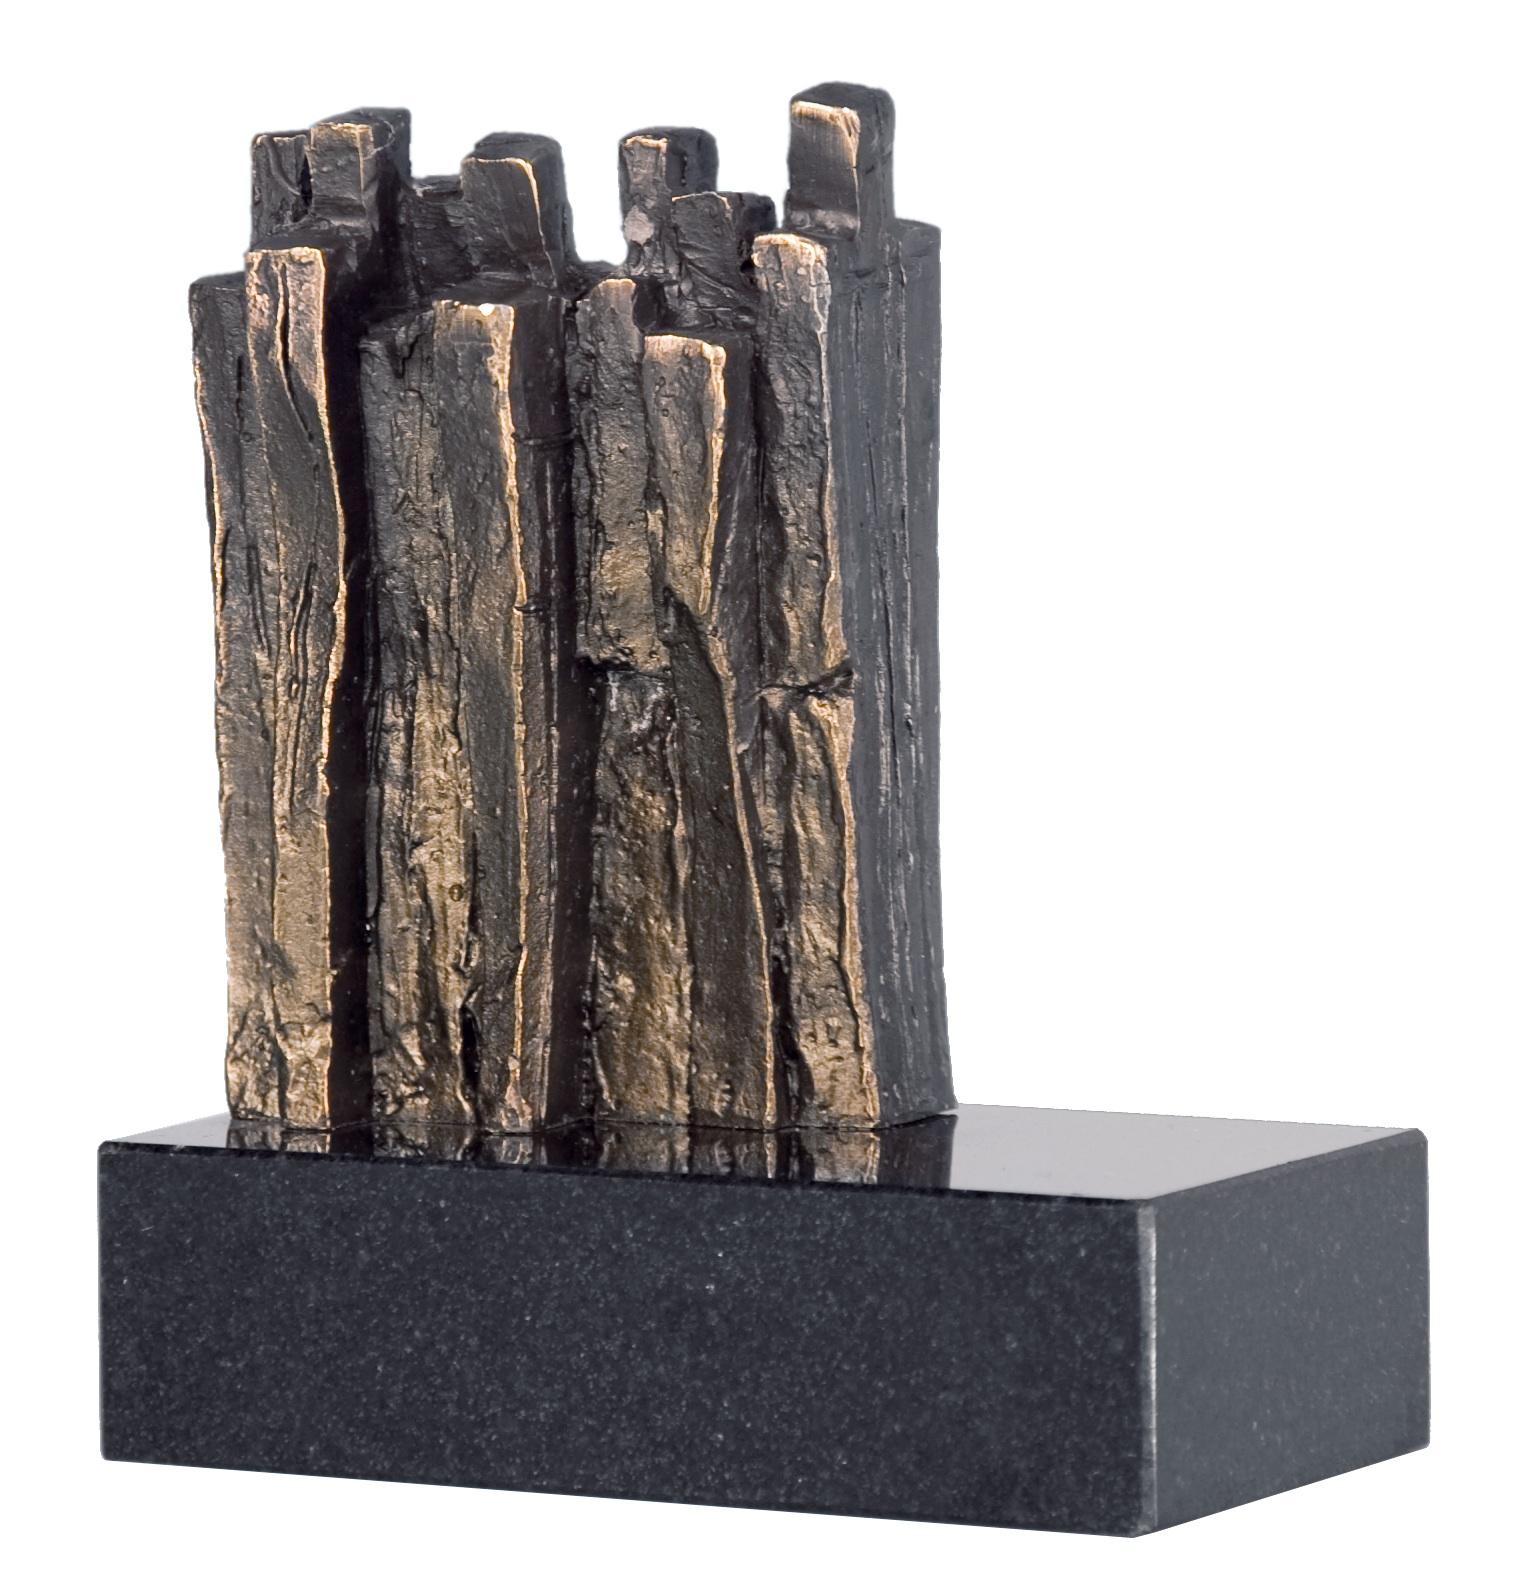 Luxe relatiegeschenken van Artihove - Geschenk Samen staan we sterk - 015794MSLQ kopen van Artihove | Kerst - 015794MSLQ